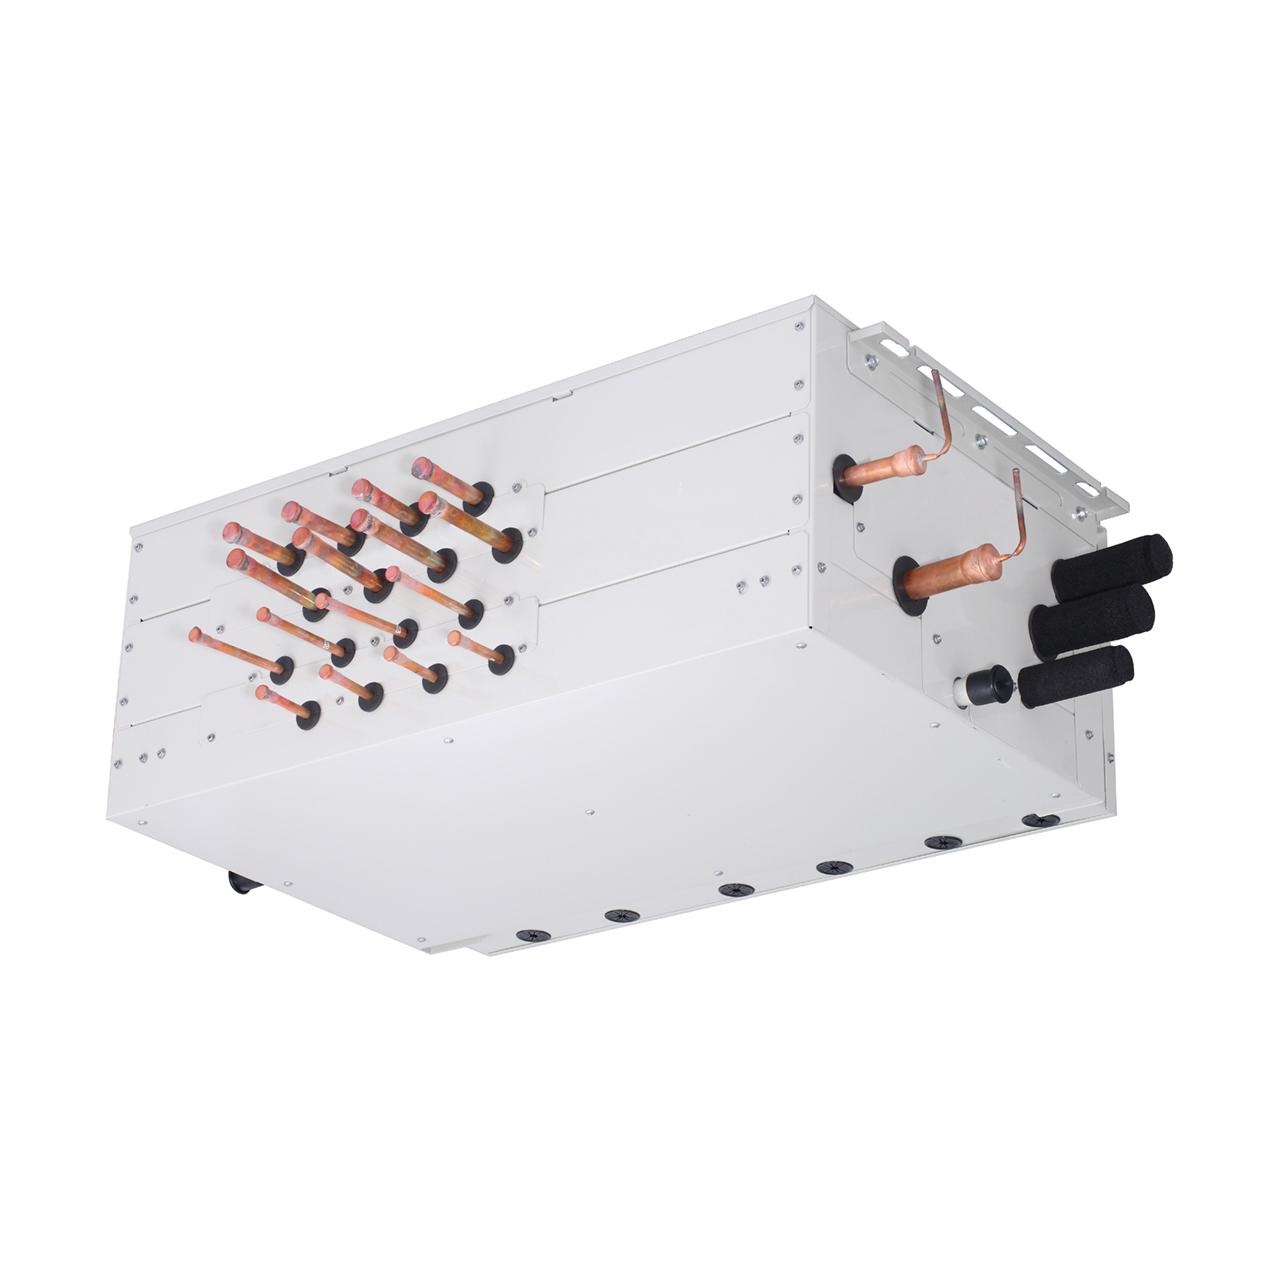 carrier-40vmd-16-port-multiport-distribution-controller